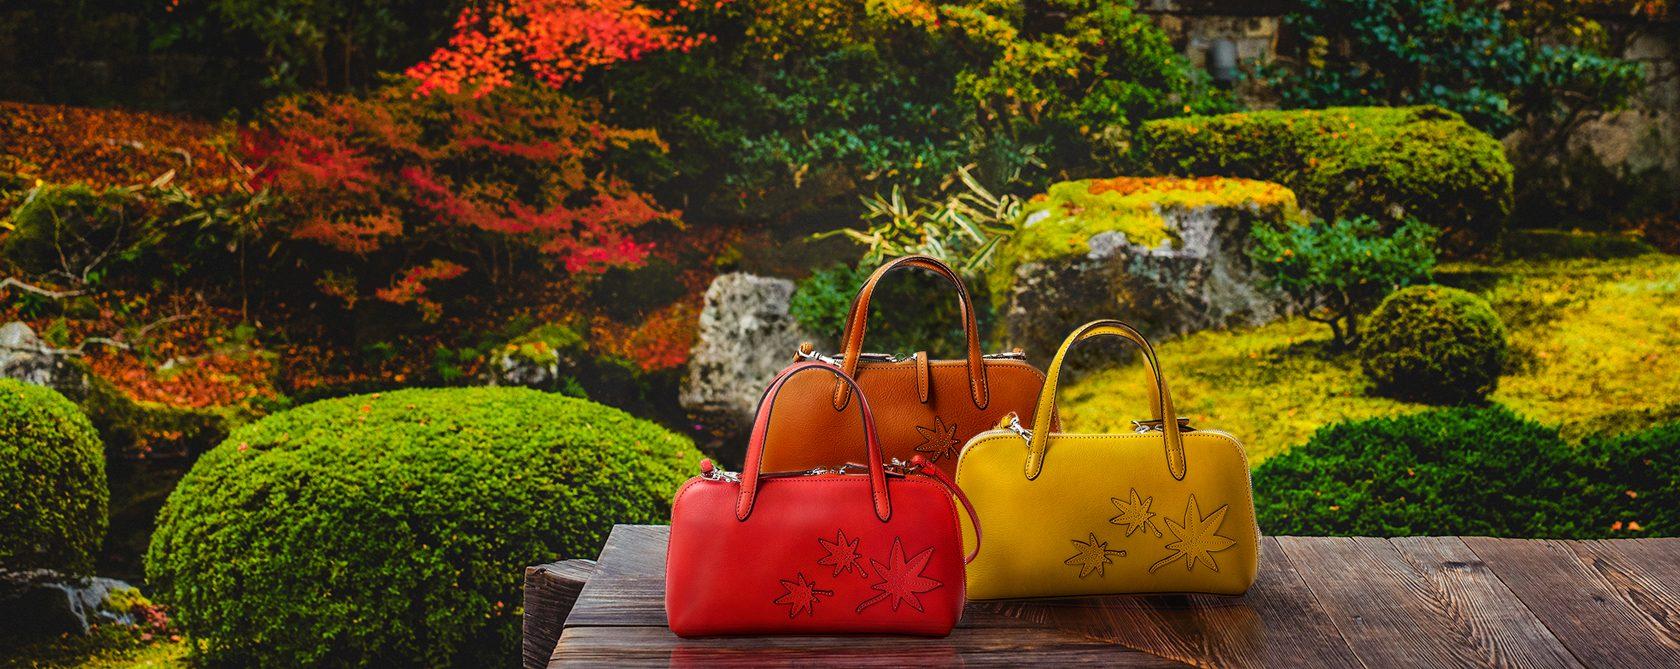 京都限定のELISIR caede KYOTO | エリシアカエデ京都のバッグシリーズ Piccolo